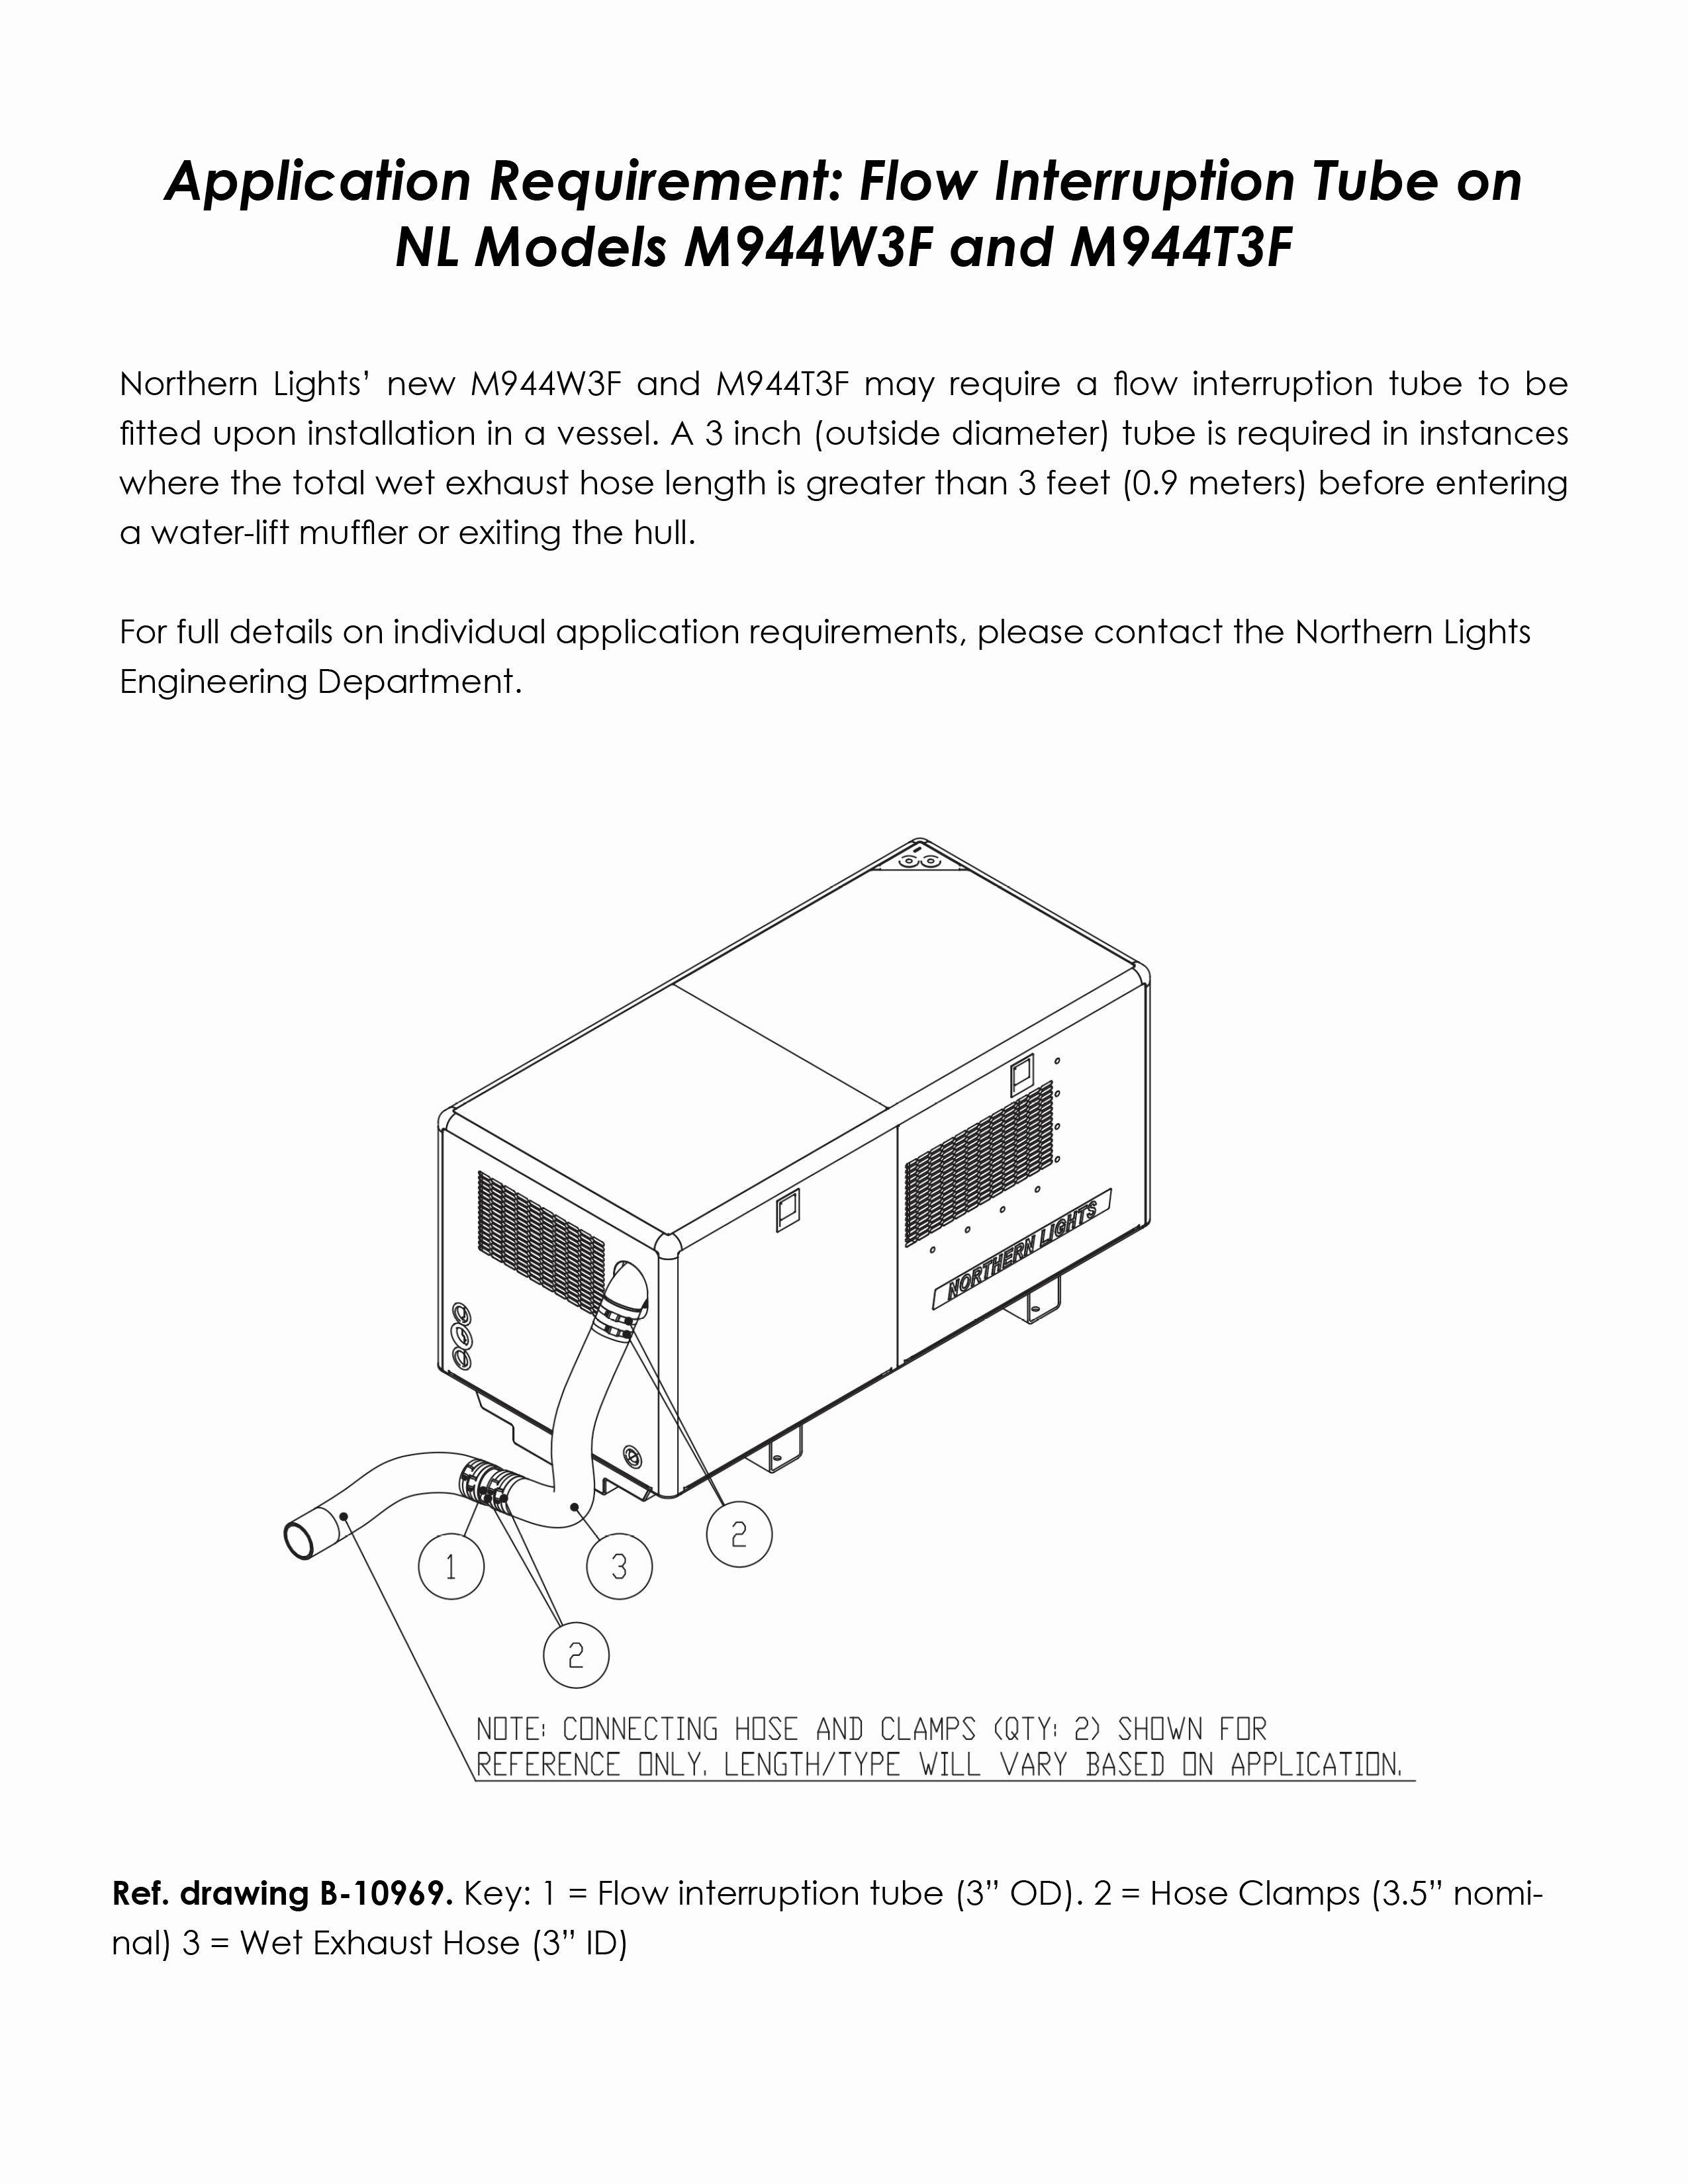 1969 Dodge Truck Instrument Panel Wiring